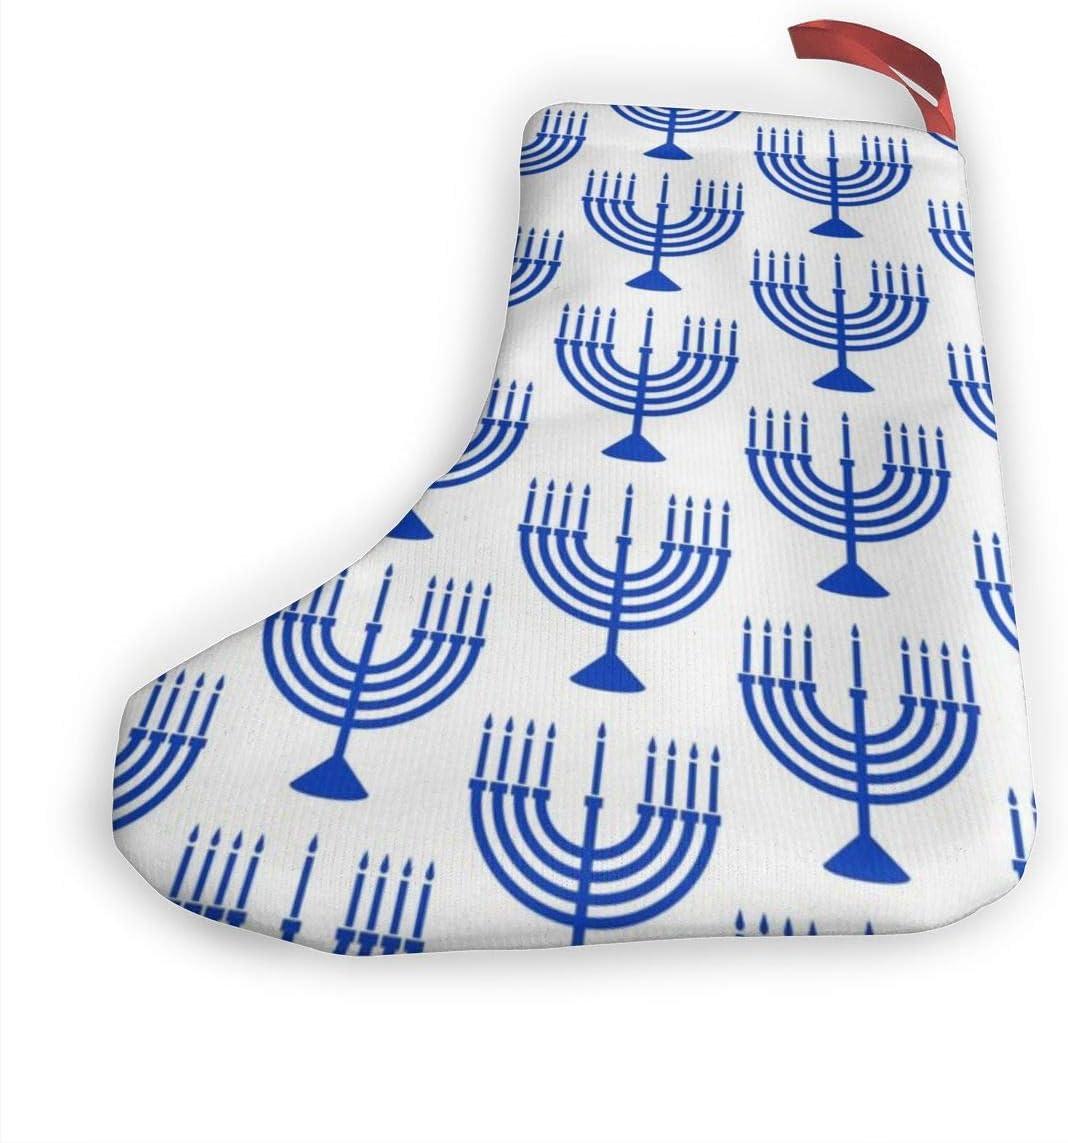 Cocoal-ltd Lot de 2 Chaussettes de No/ël Motif Menorah Hanoucca Bleu sur Blanc 25,4 cm